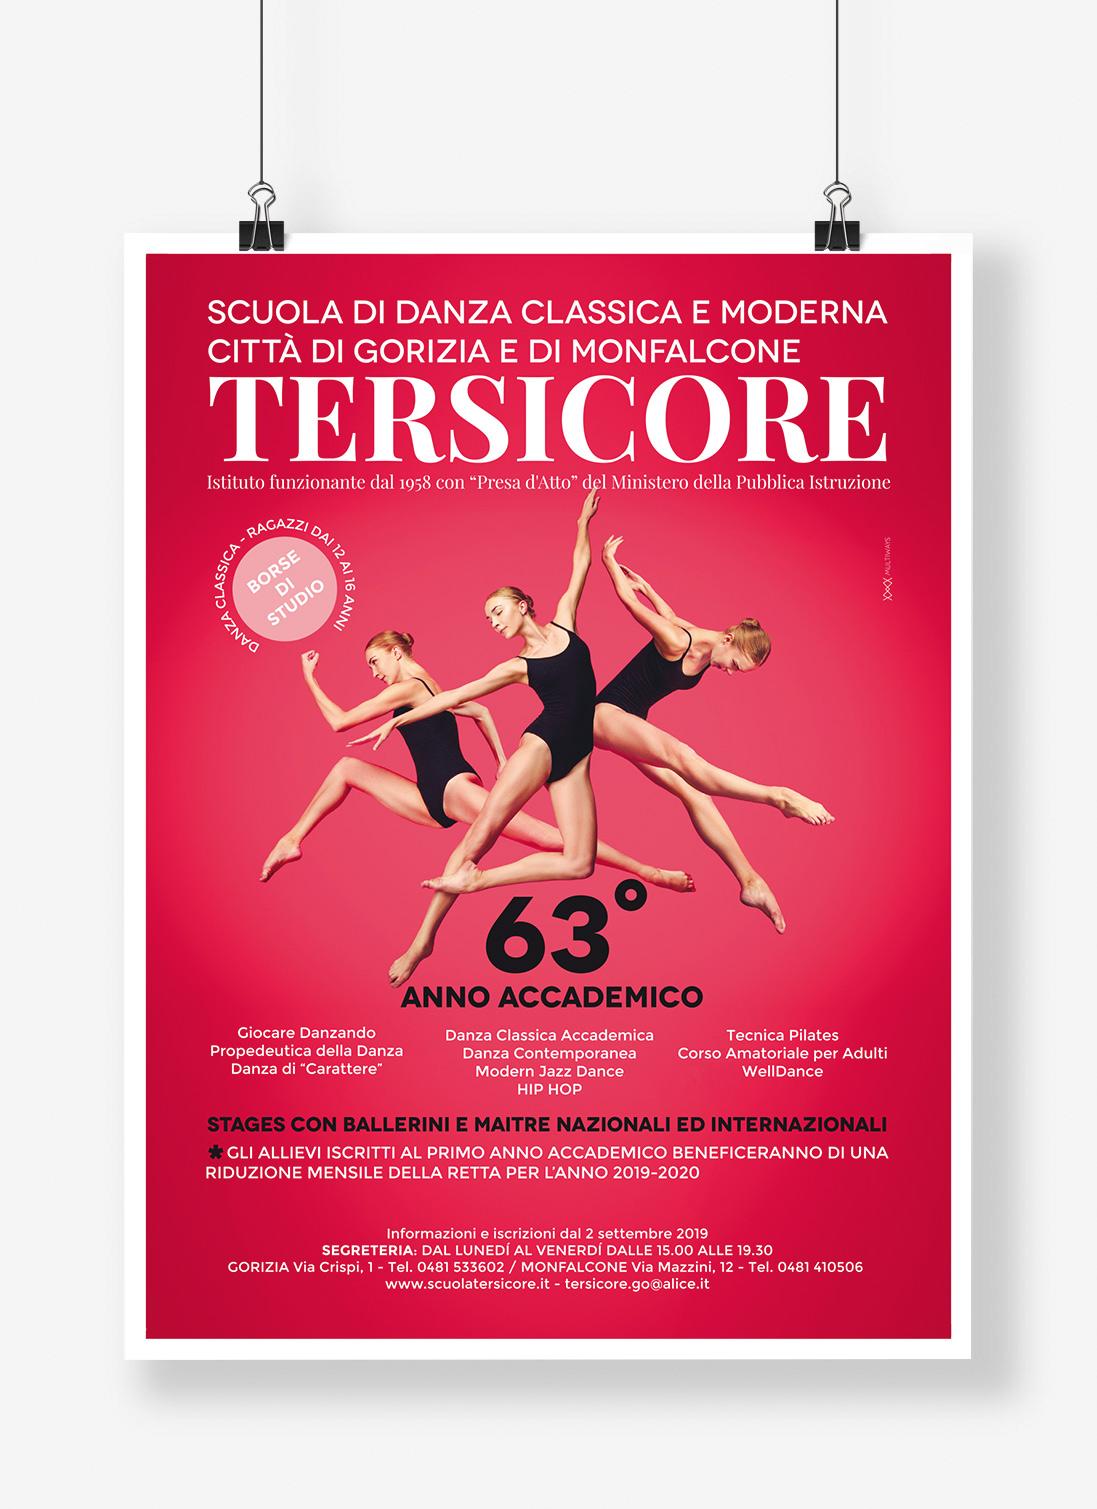 Locandina per la scuola di danza Tersicore di Gorizia